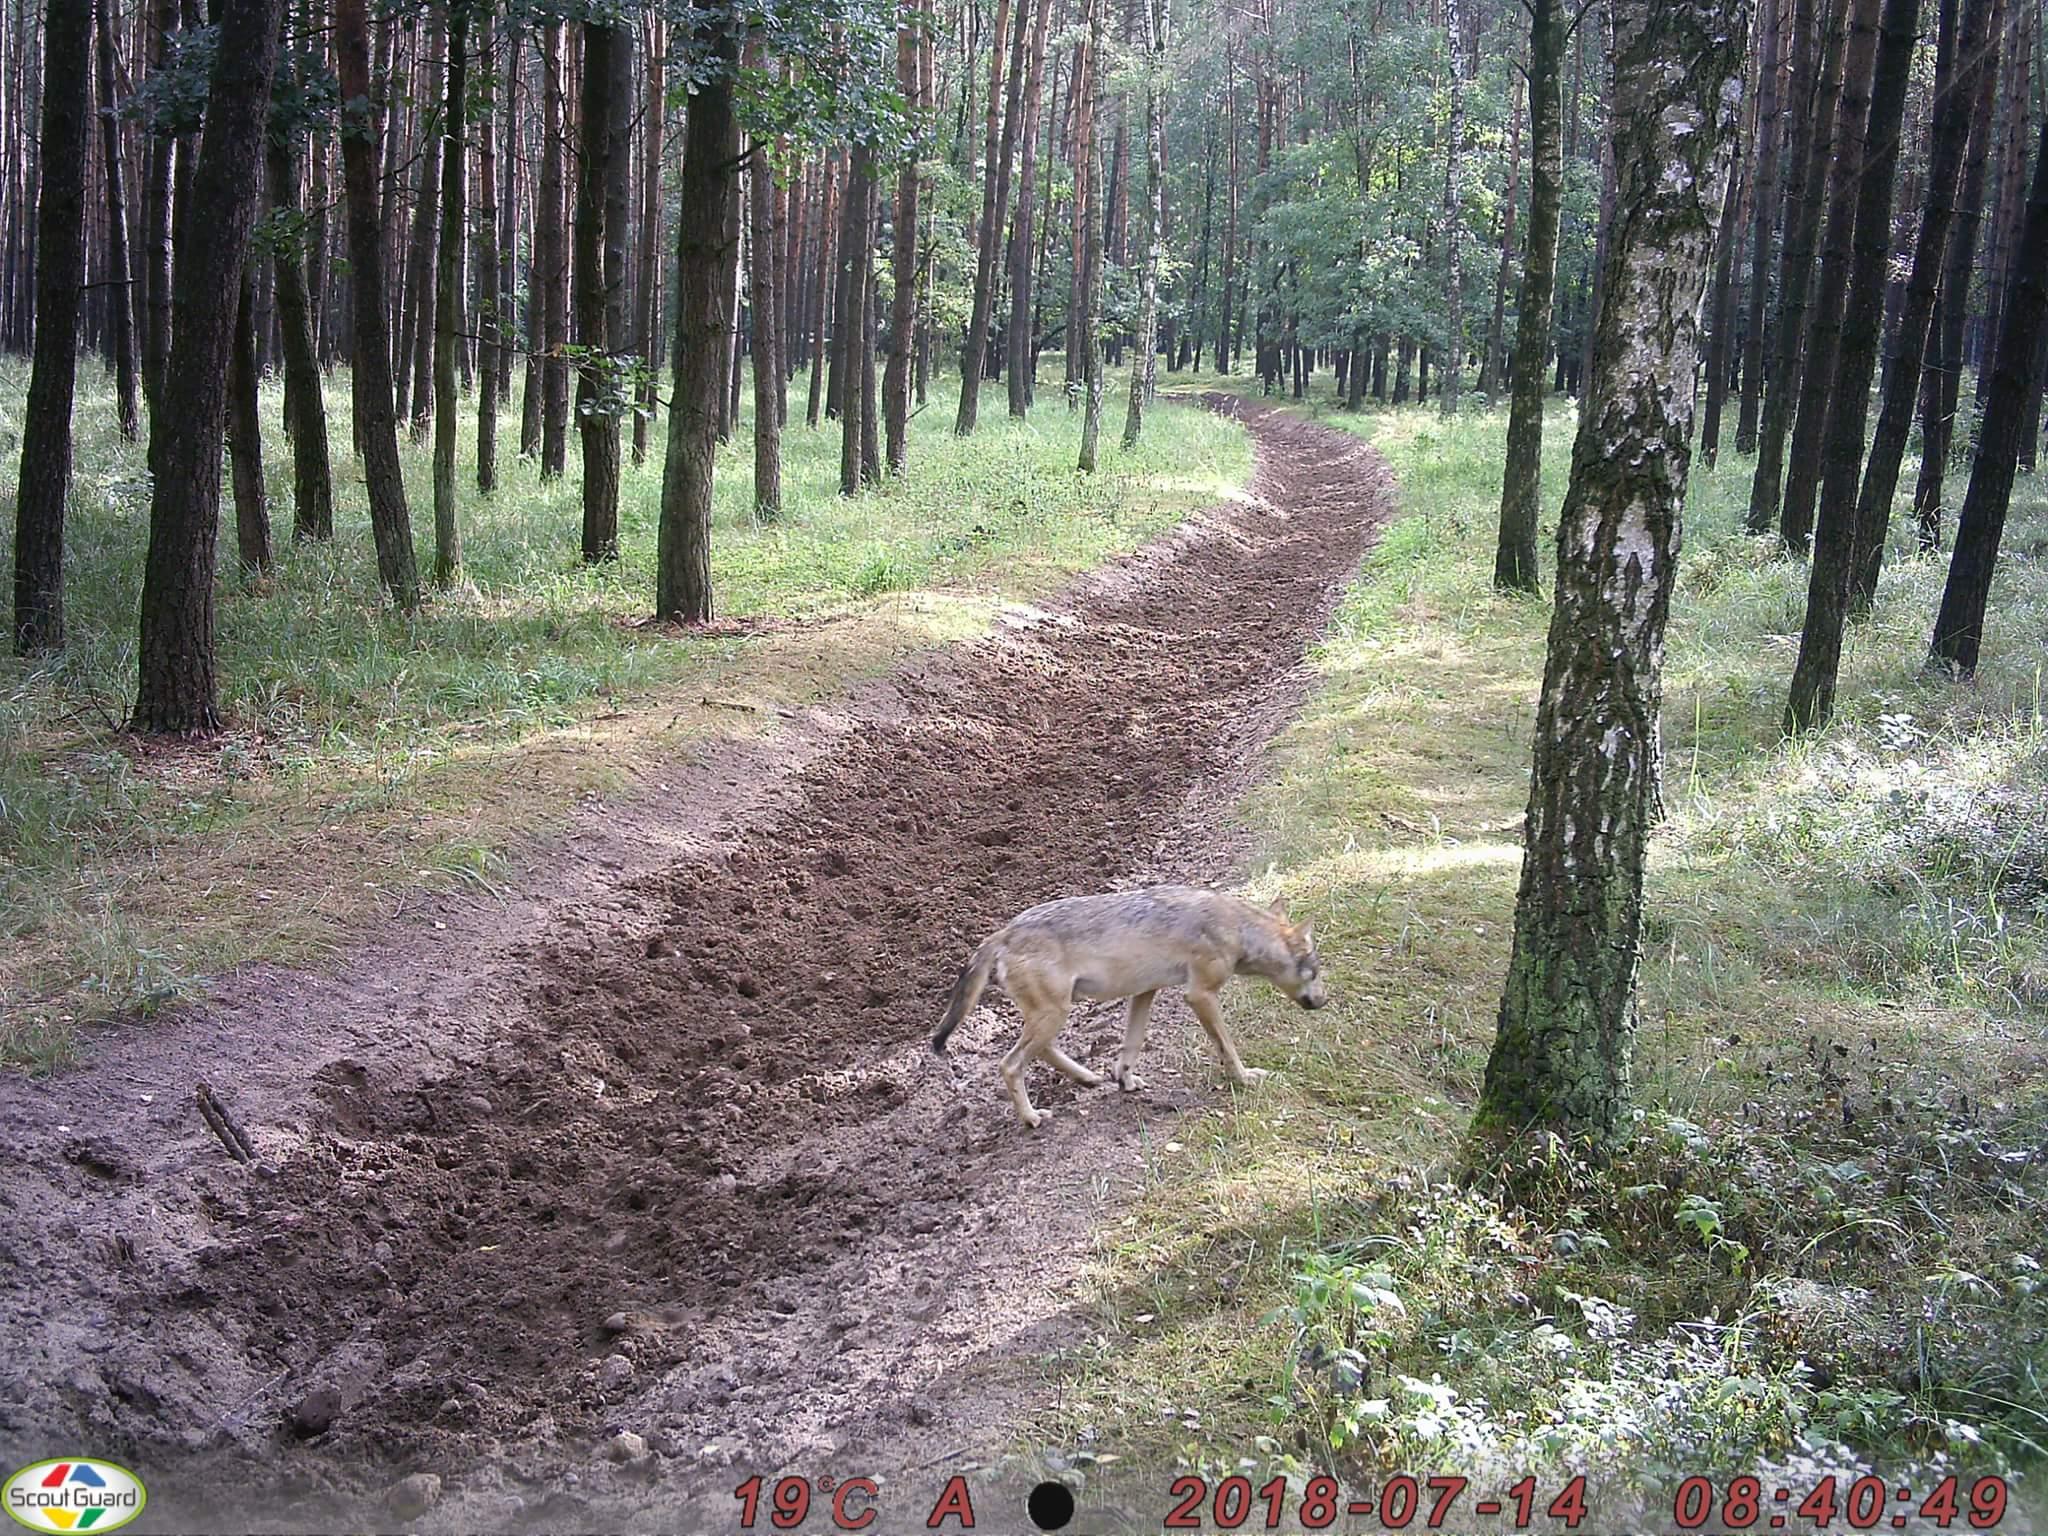 received_1066493290186422 - Słuchacz